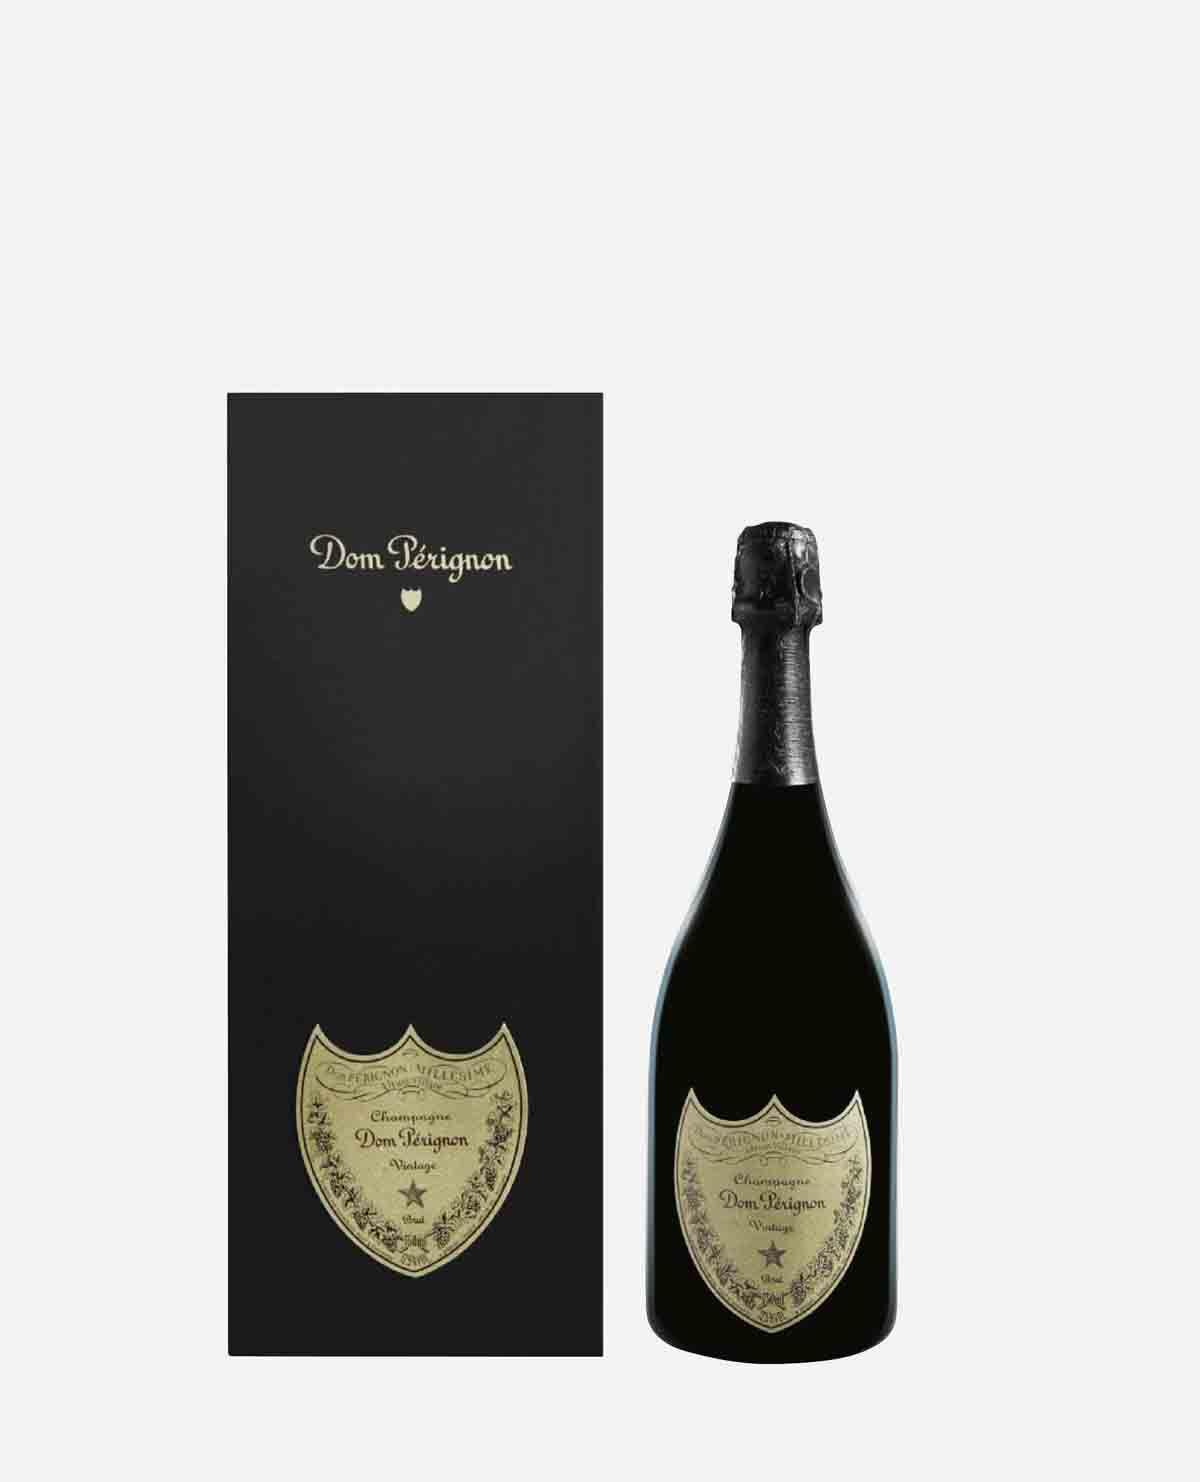 ドン ペリニヨン ヴィンテージ シャンパン